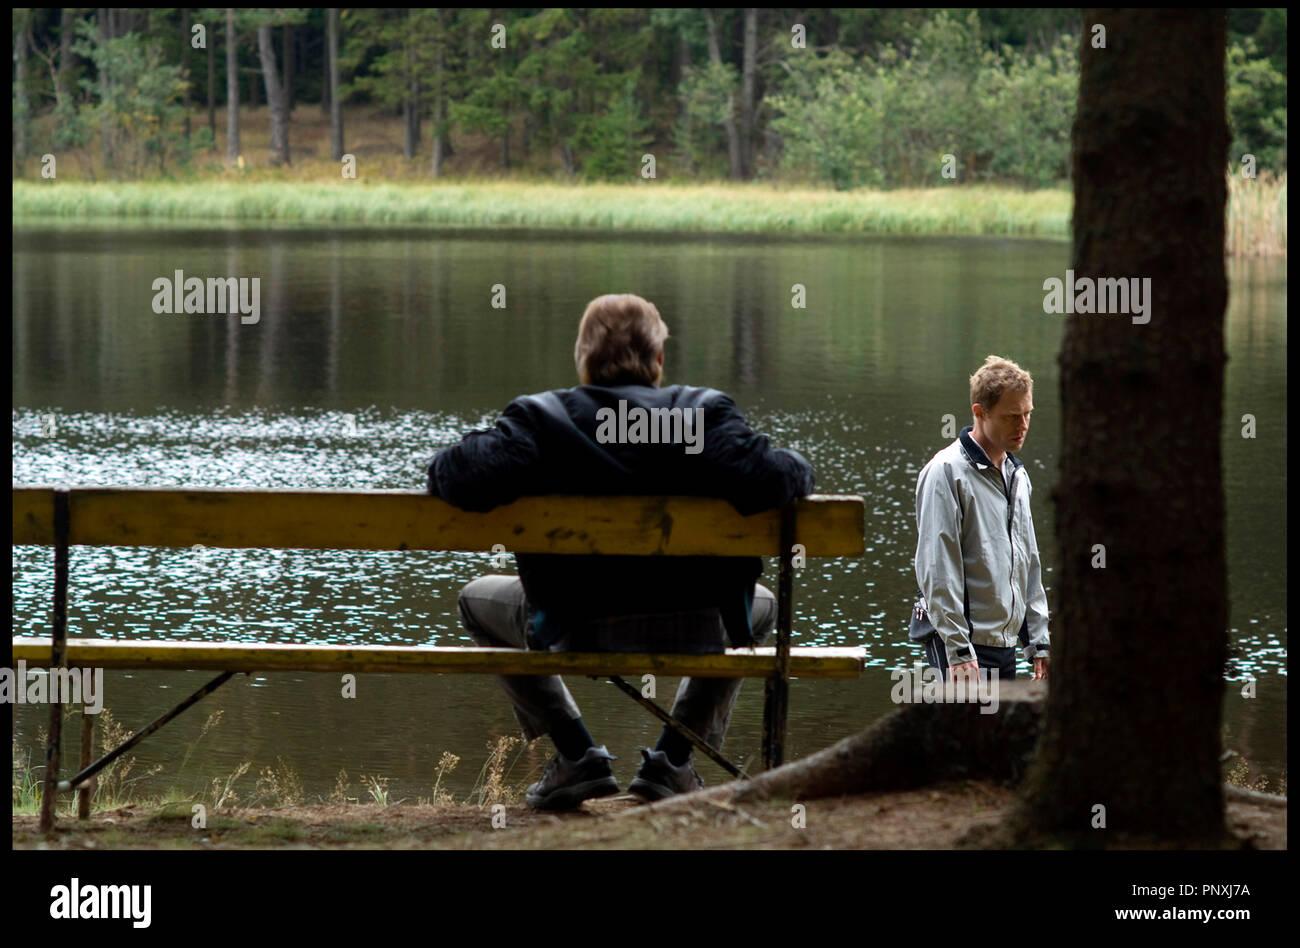 Prod DB © Prisma Film - Spielmannfilm / DR REVANCHE de Gotz Spielmann 2008 ALL. avec Johannes Krisch et Andreas Lust foret, lac, jardin public, banc public - Stock Image